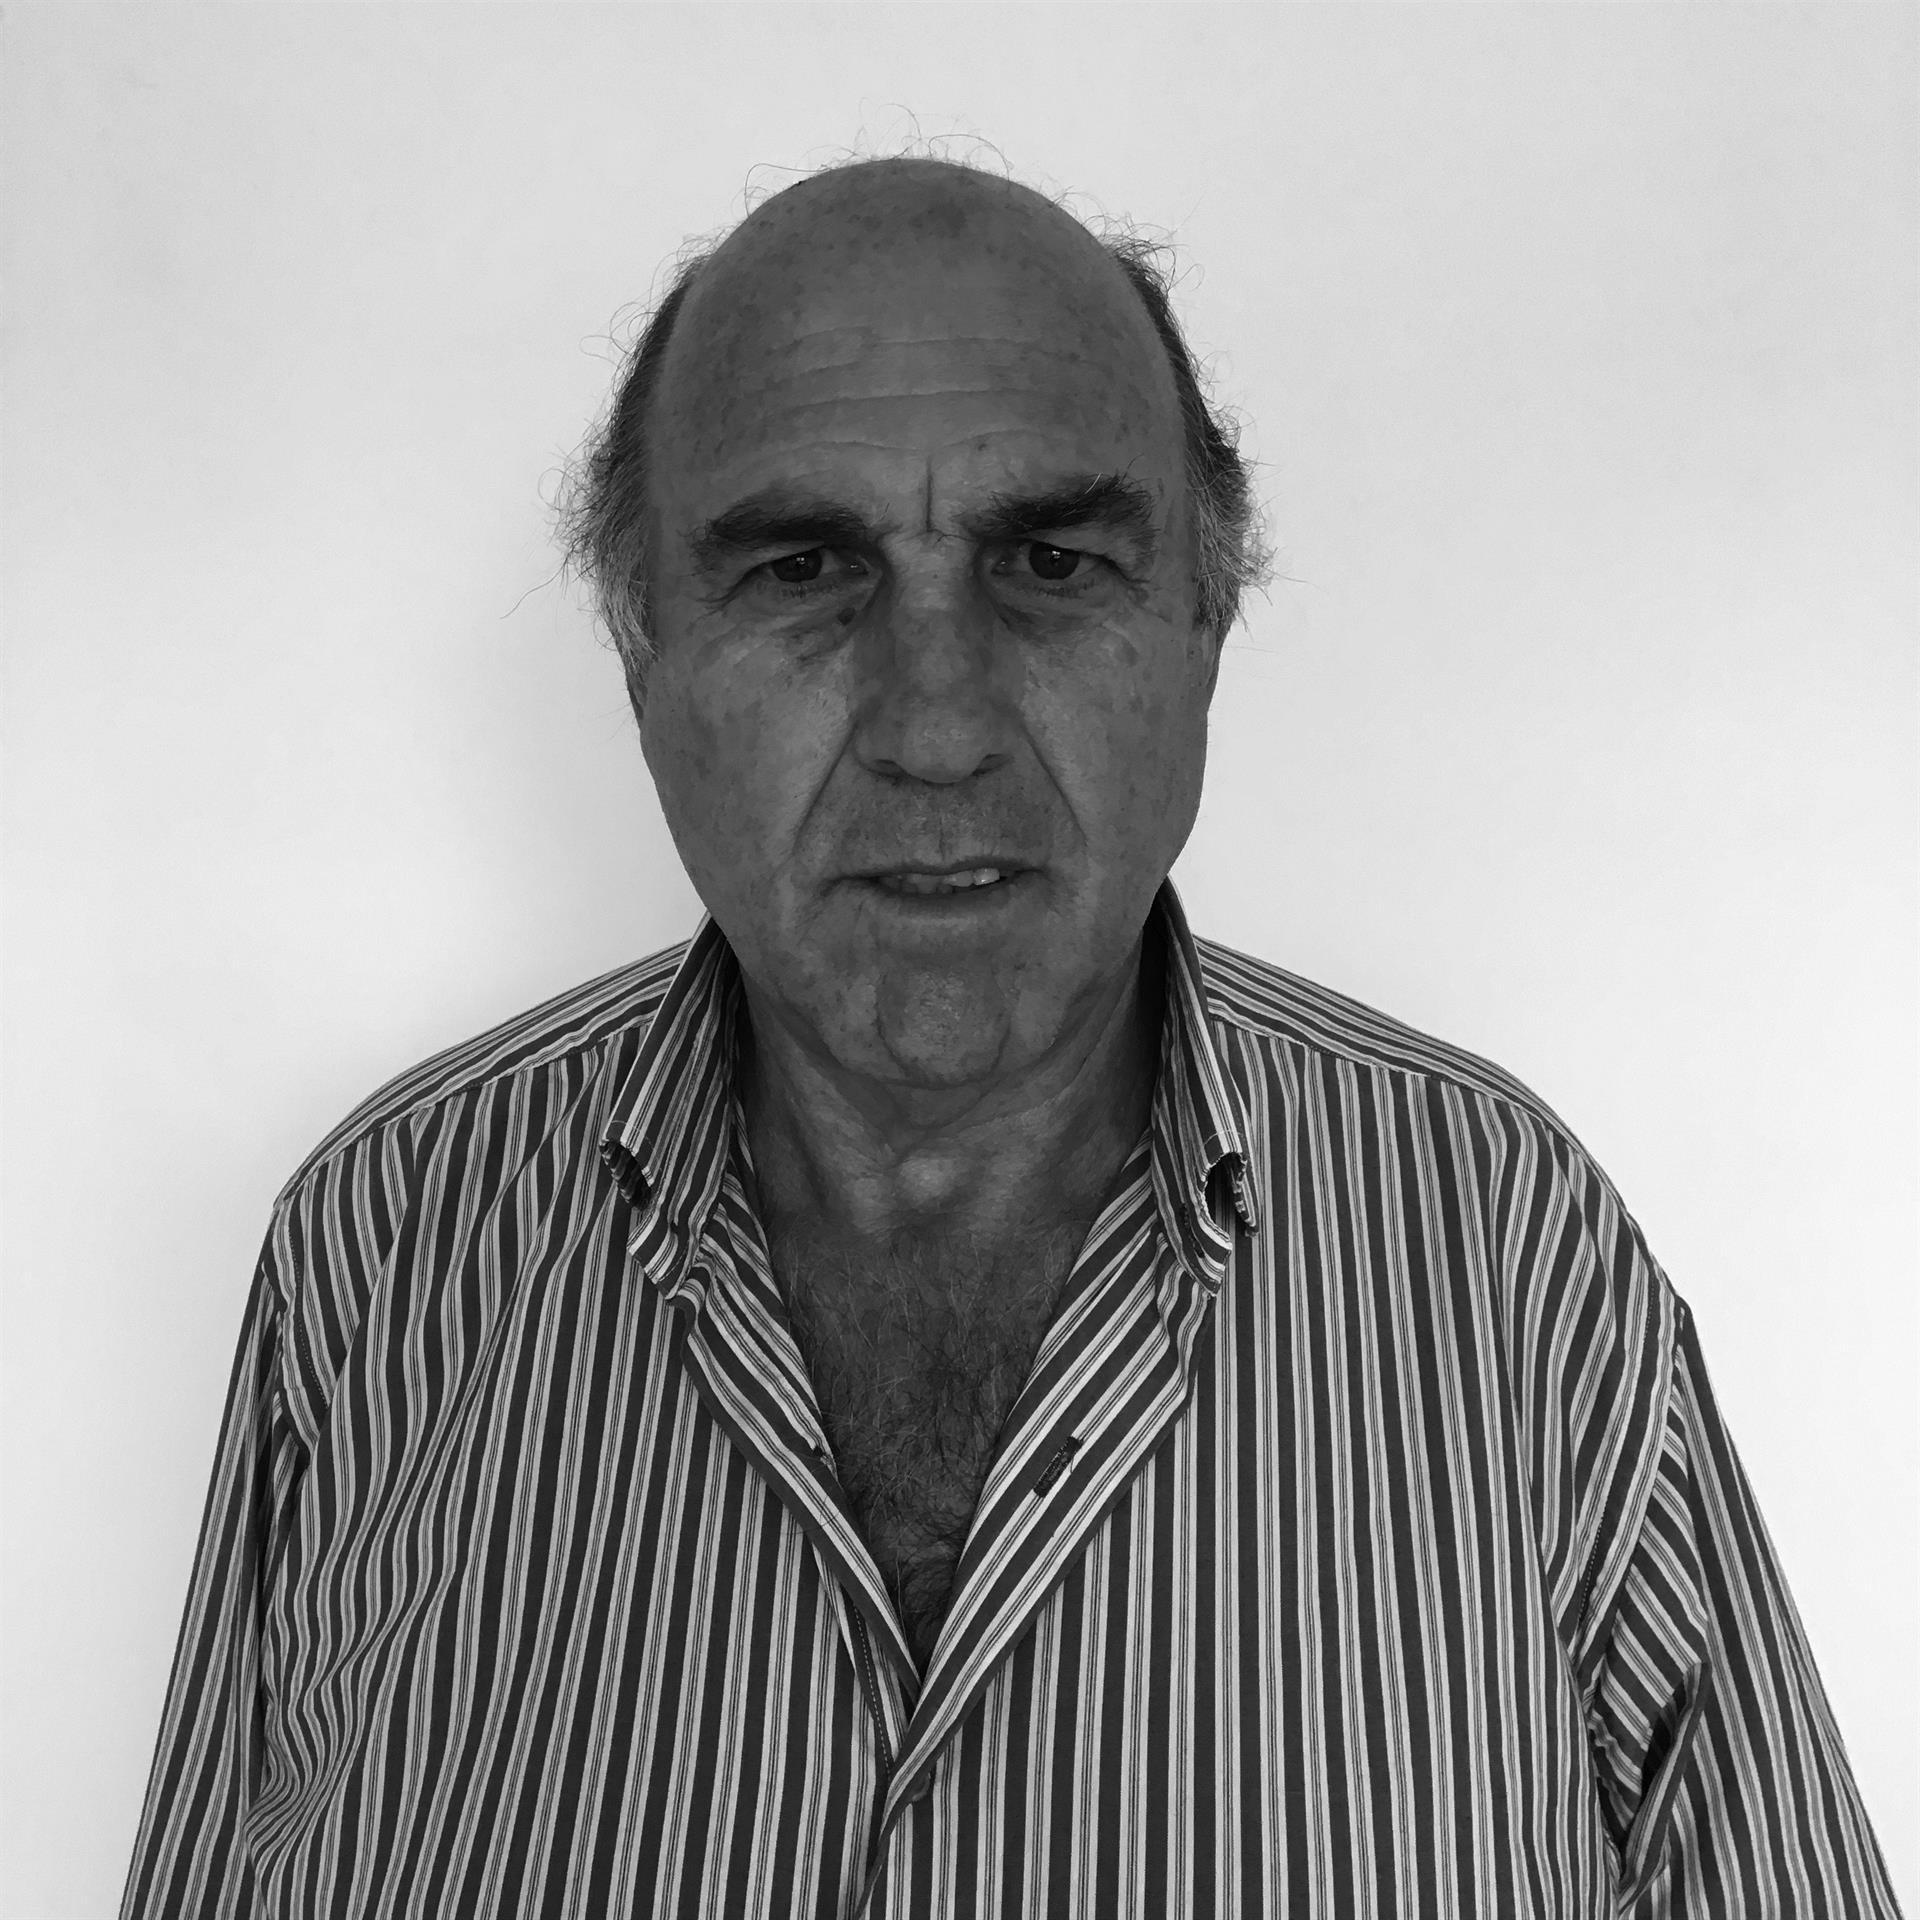 Luis Etchegaray